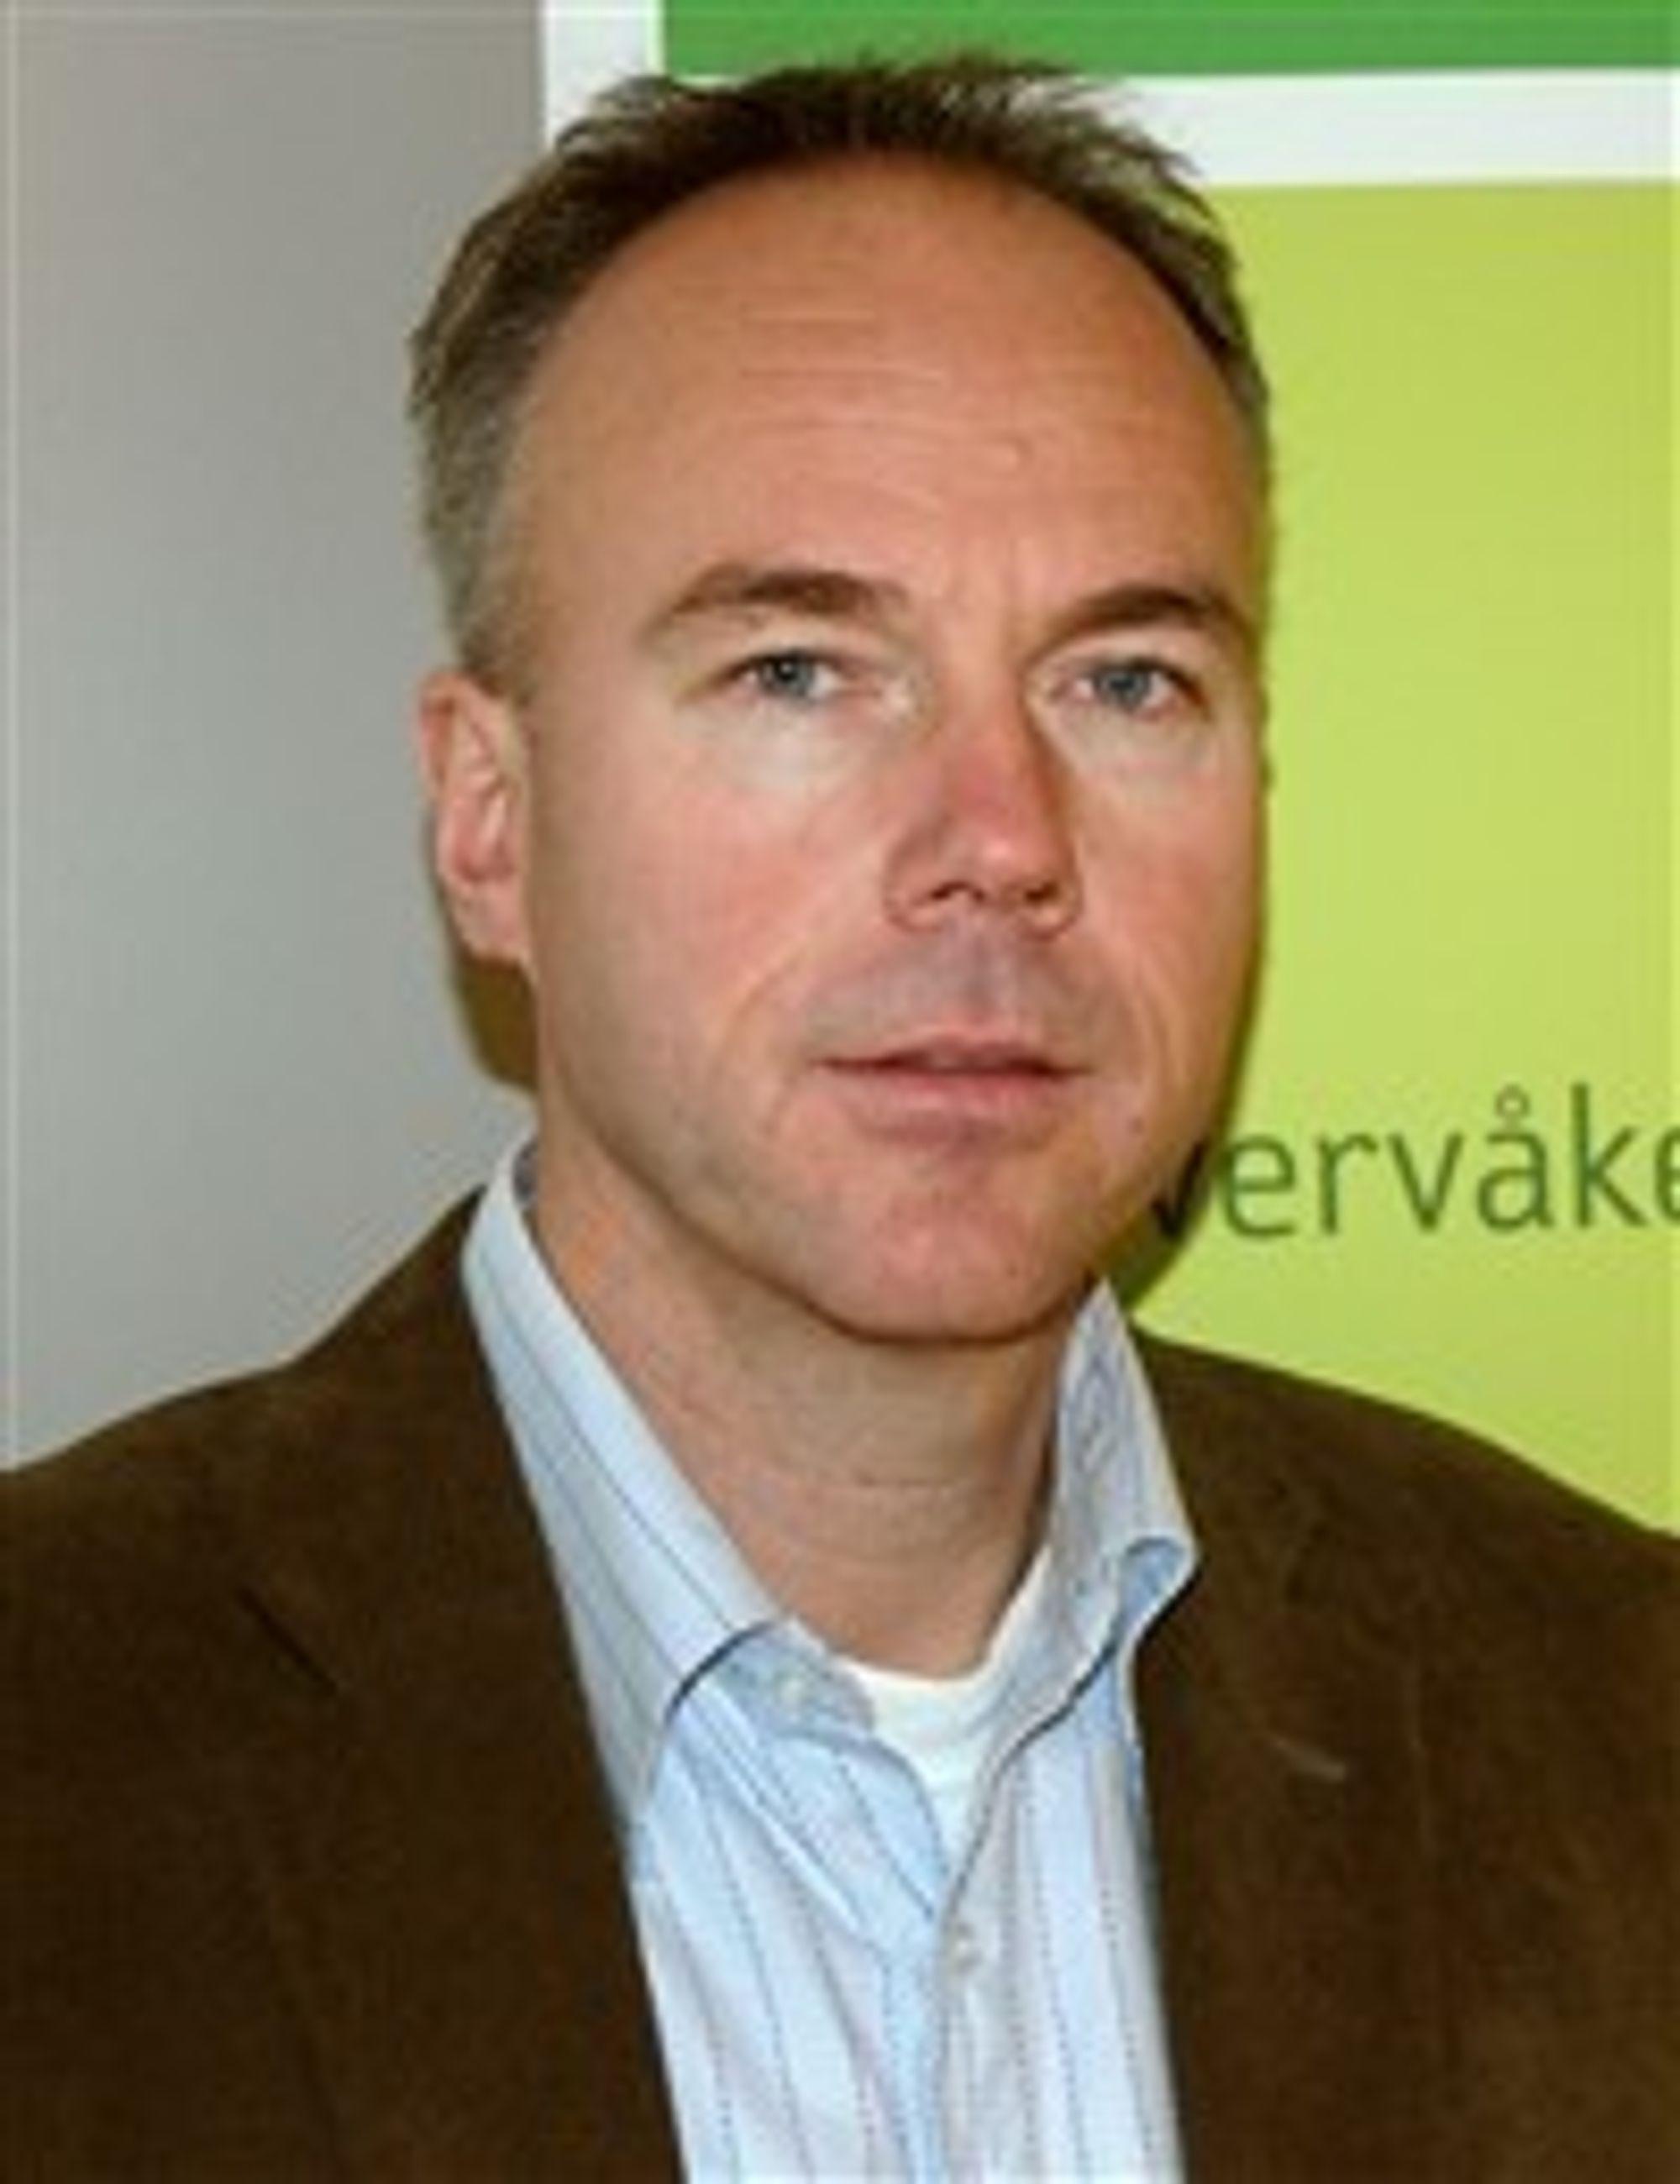 Steinar Aasnæss, avdelingsdirektør for Nasjonal overvåking av arbeidsmiljø (NOA) ved Statens arbeidsmiljøinstitutt (STAMI)